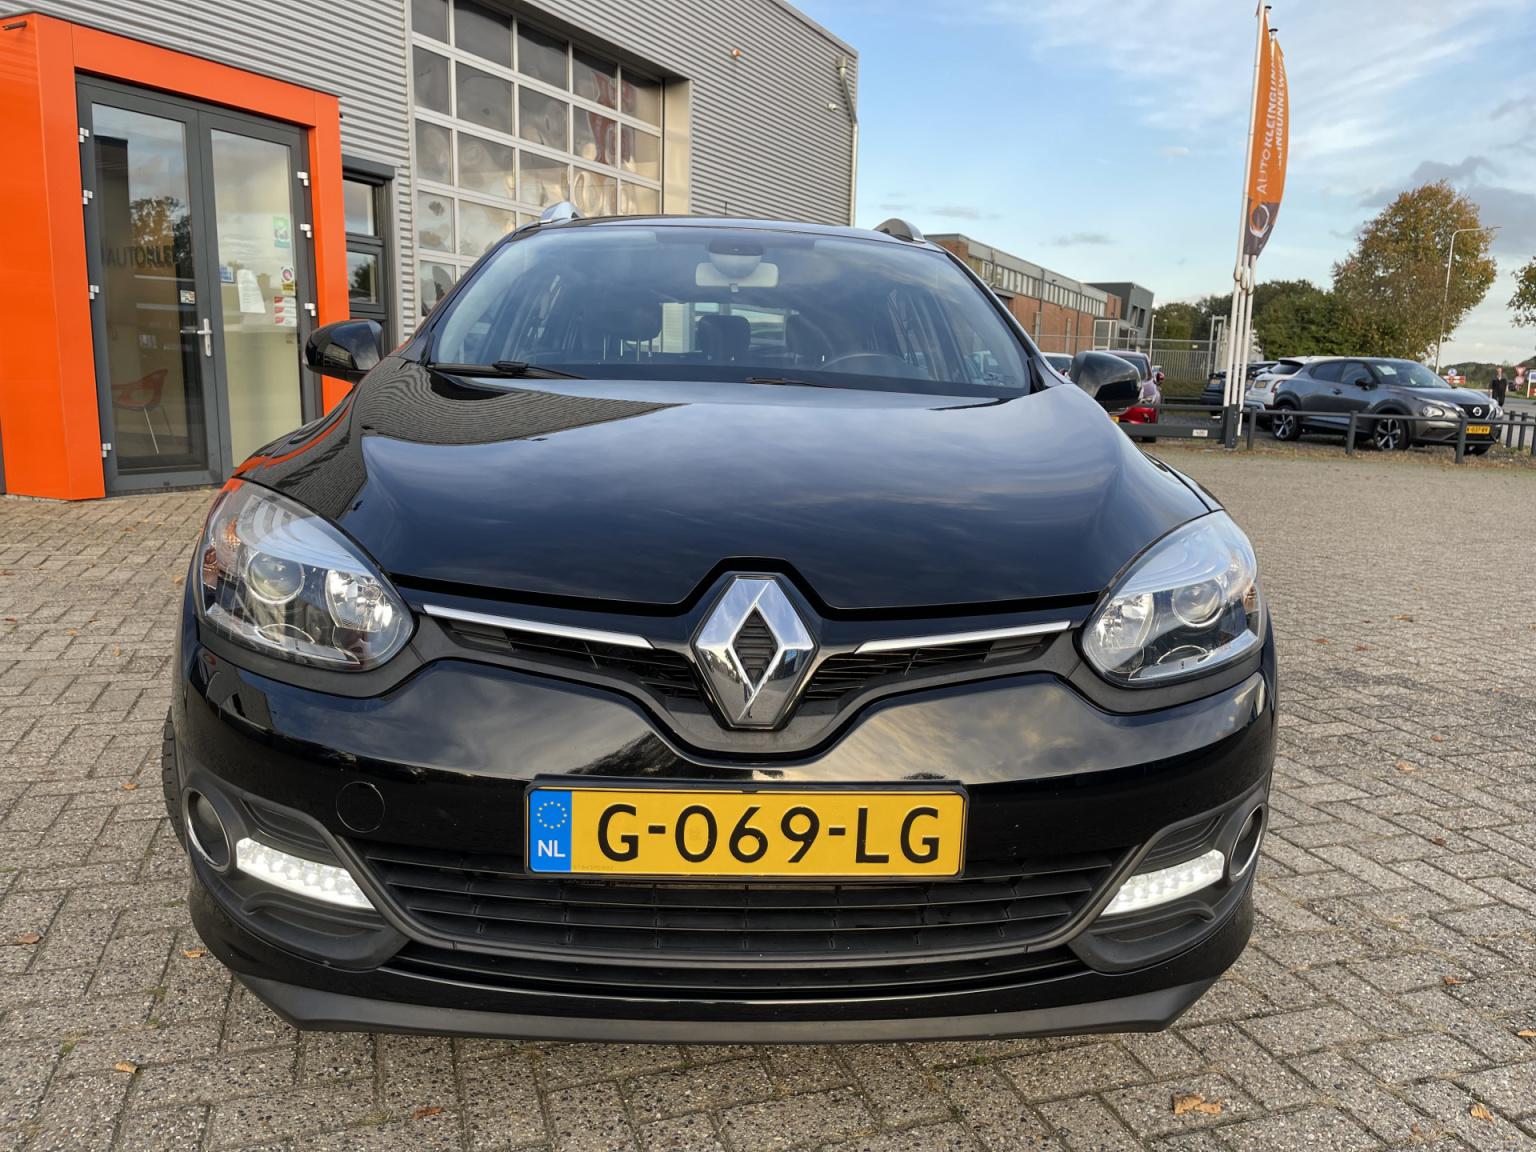 Renault-Mégane-7